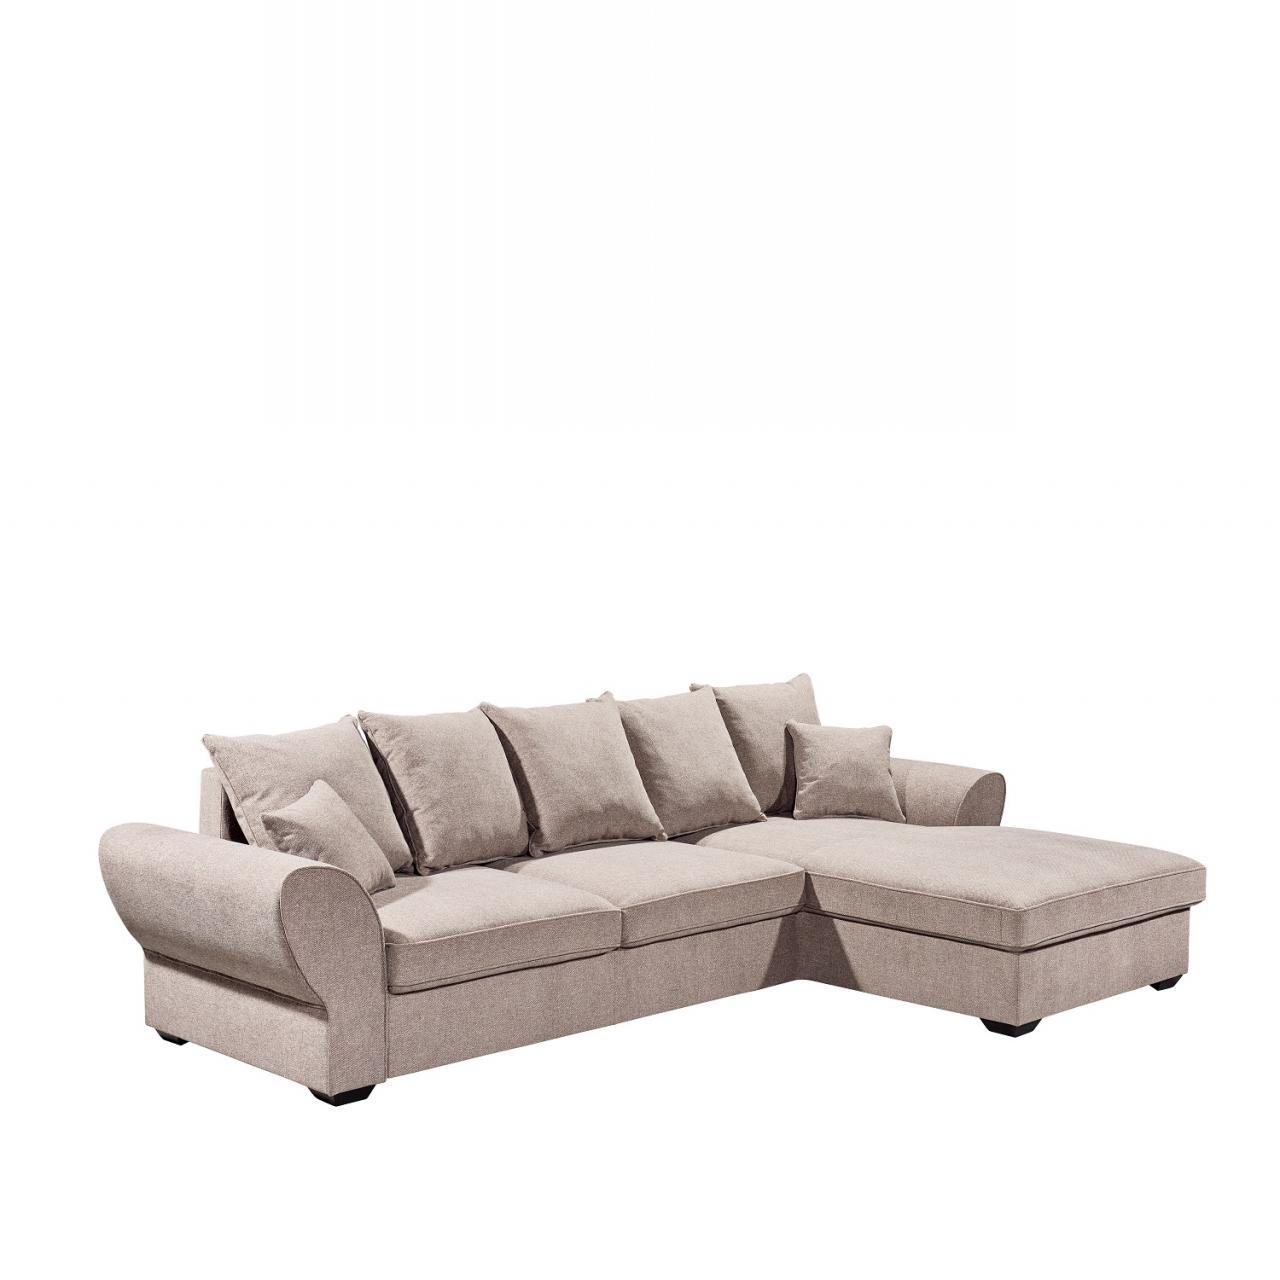 Polstergarnitur Bozen Altrosa Stoff Mit Schlaffunktion inkl. Kissen Sofa Couch